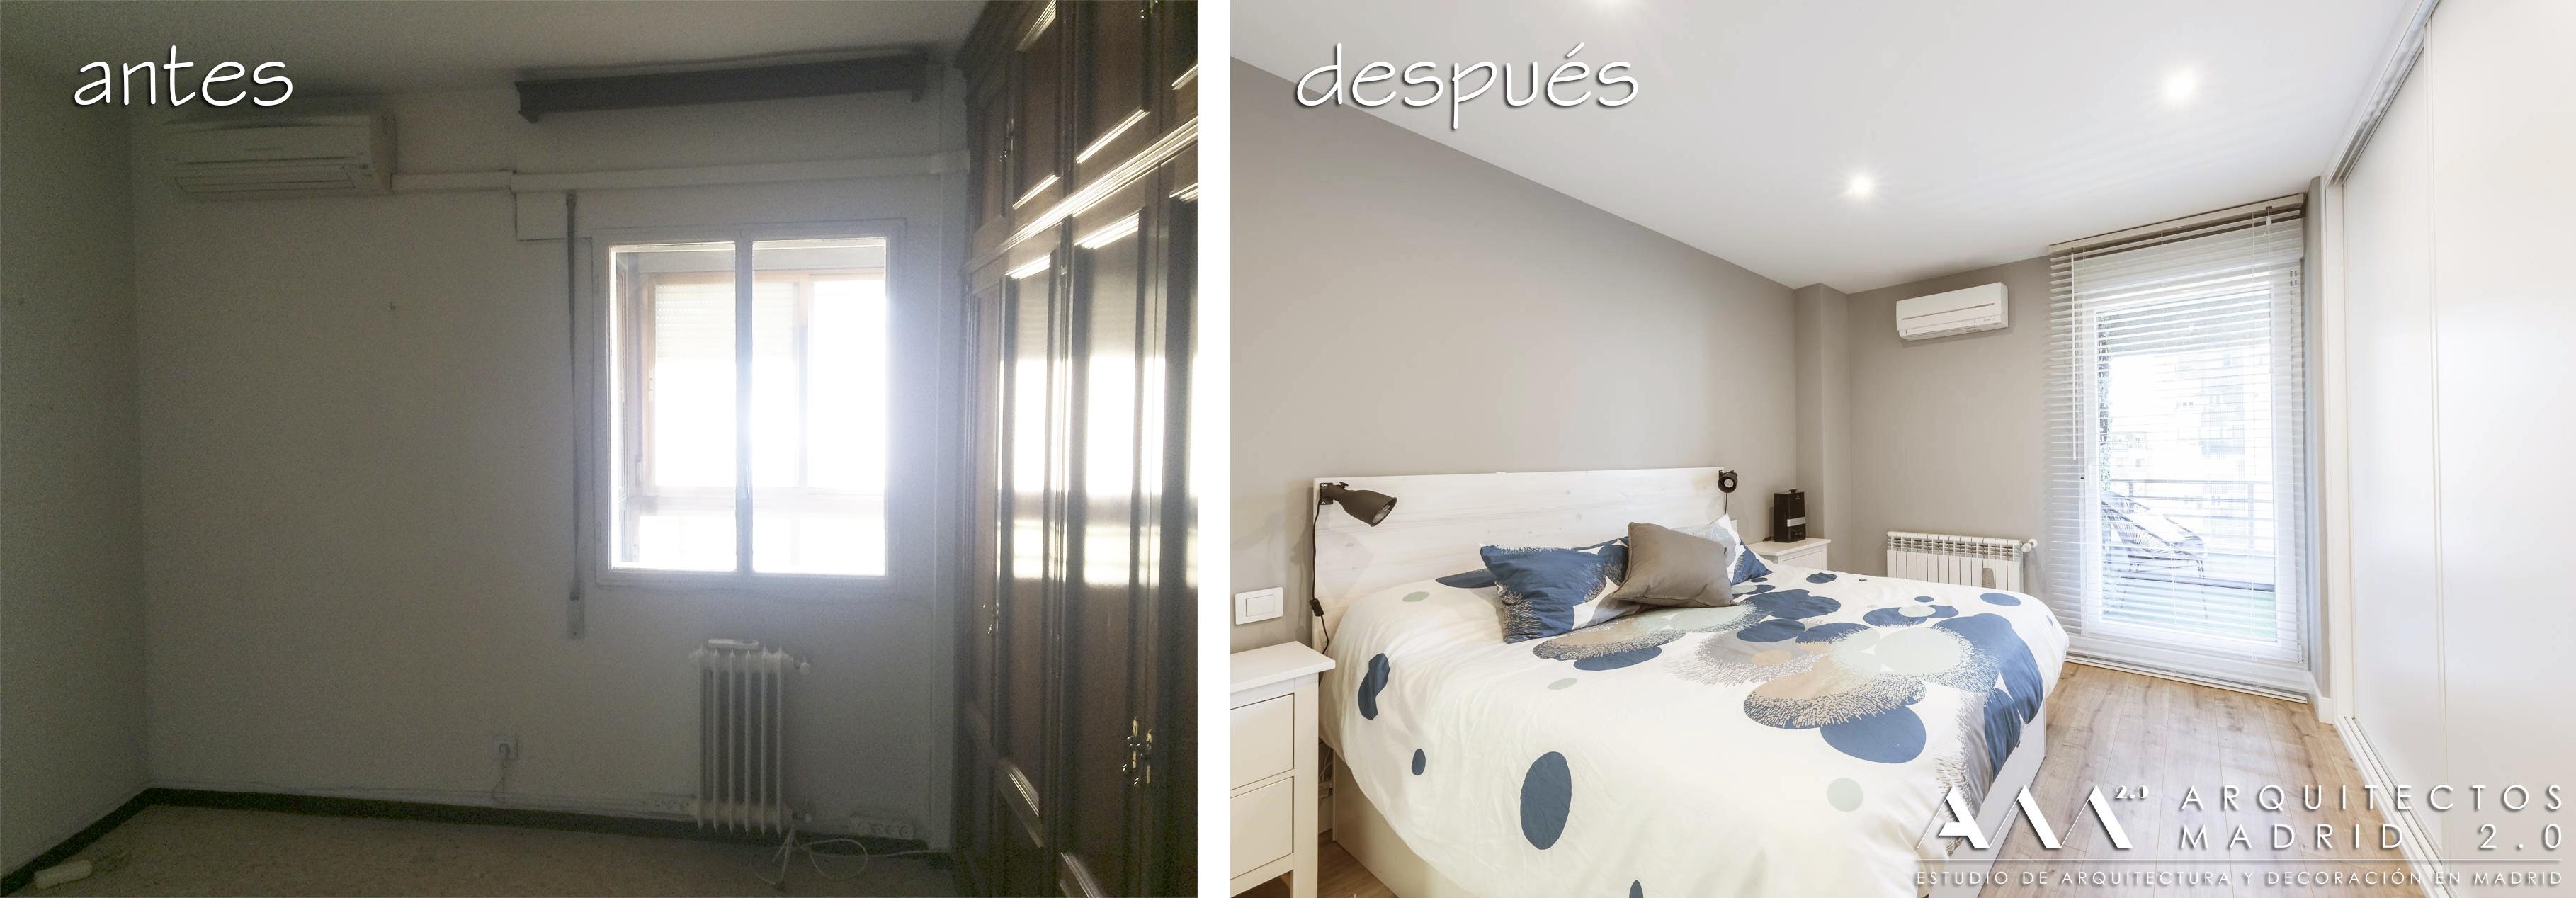 antes-despues-dormitorio-reforma-vivienda-housing-reform-architects-before-after-bedroom